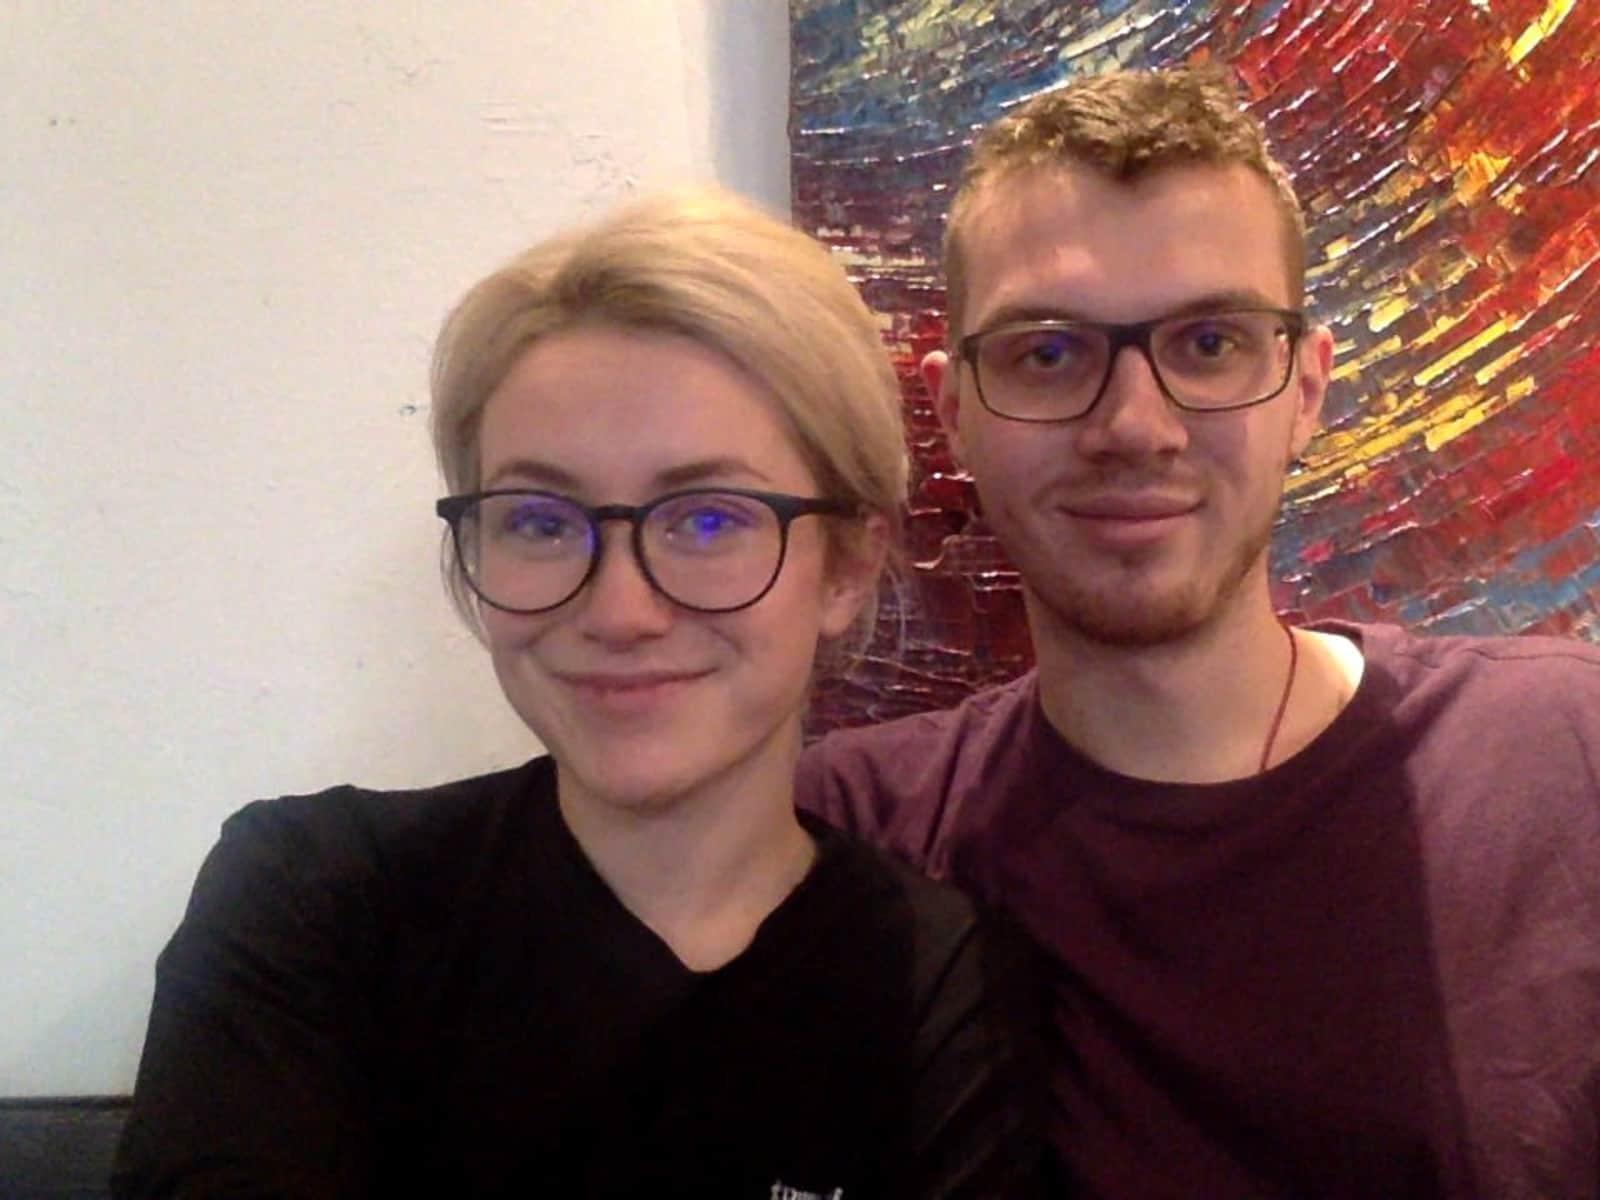 Kiersten & Jelle from Toronto, Ontario, Canada